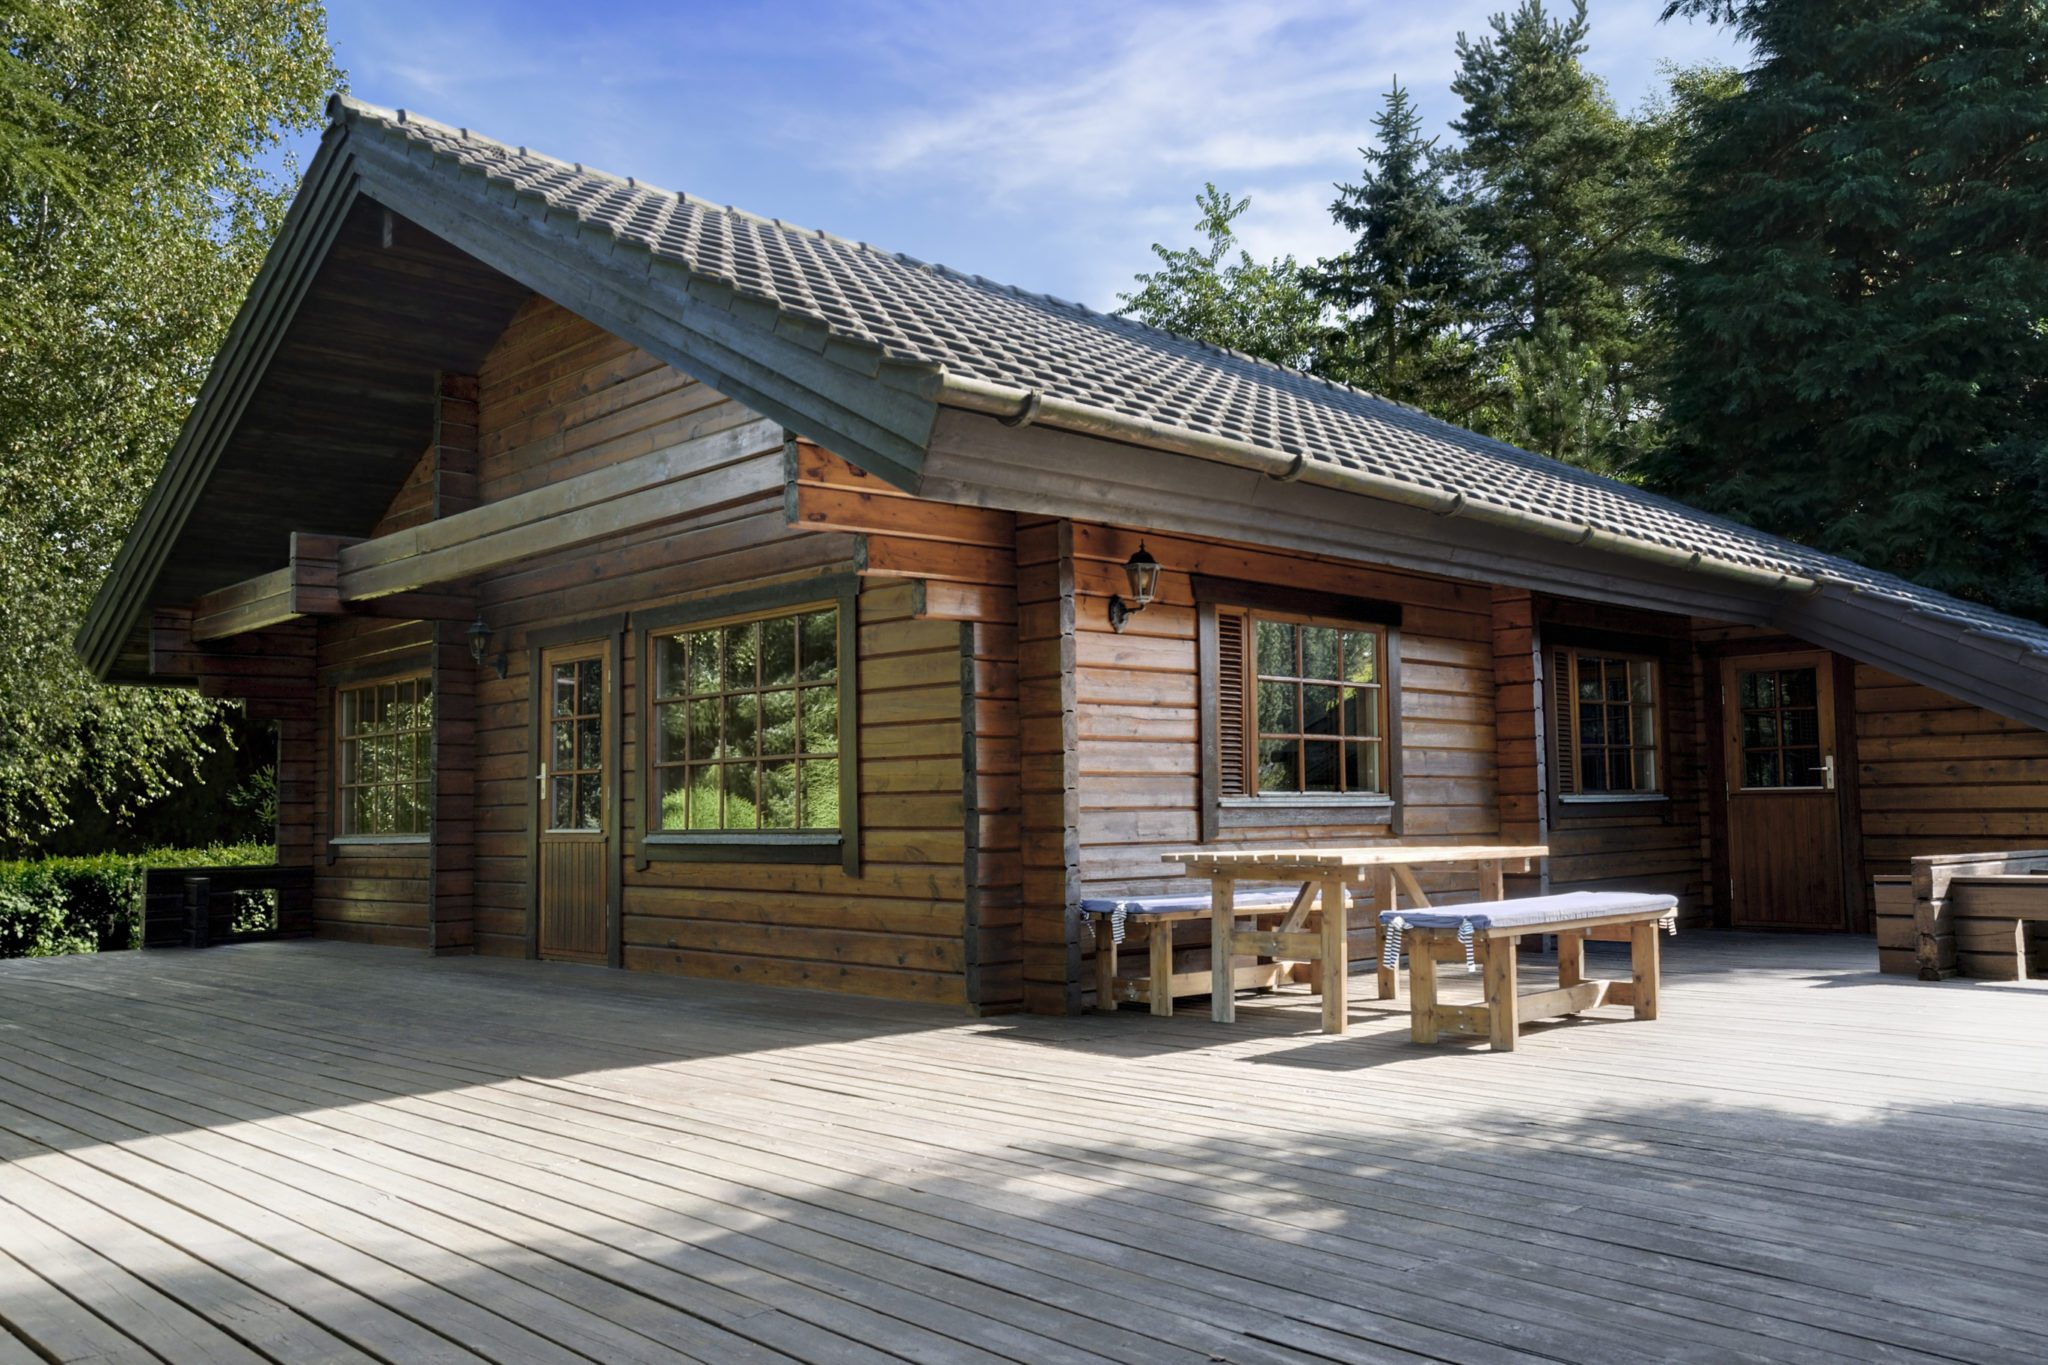 byggmester, nybygg, tilbygg, hus, hytter, rehabilitering, garasjer, takterasser, restaurering, totalentreprise